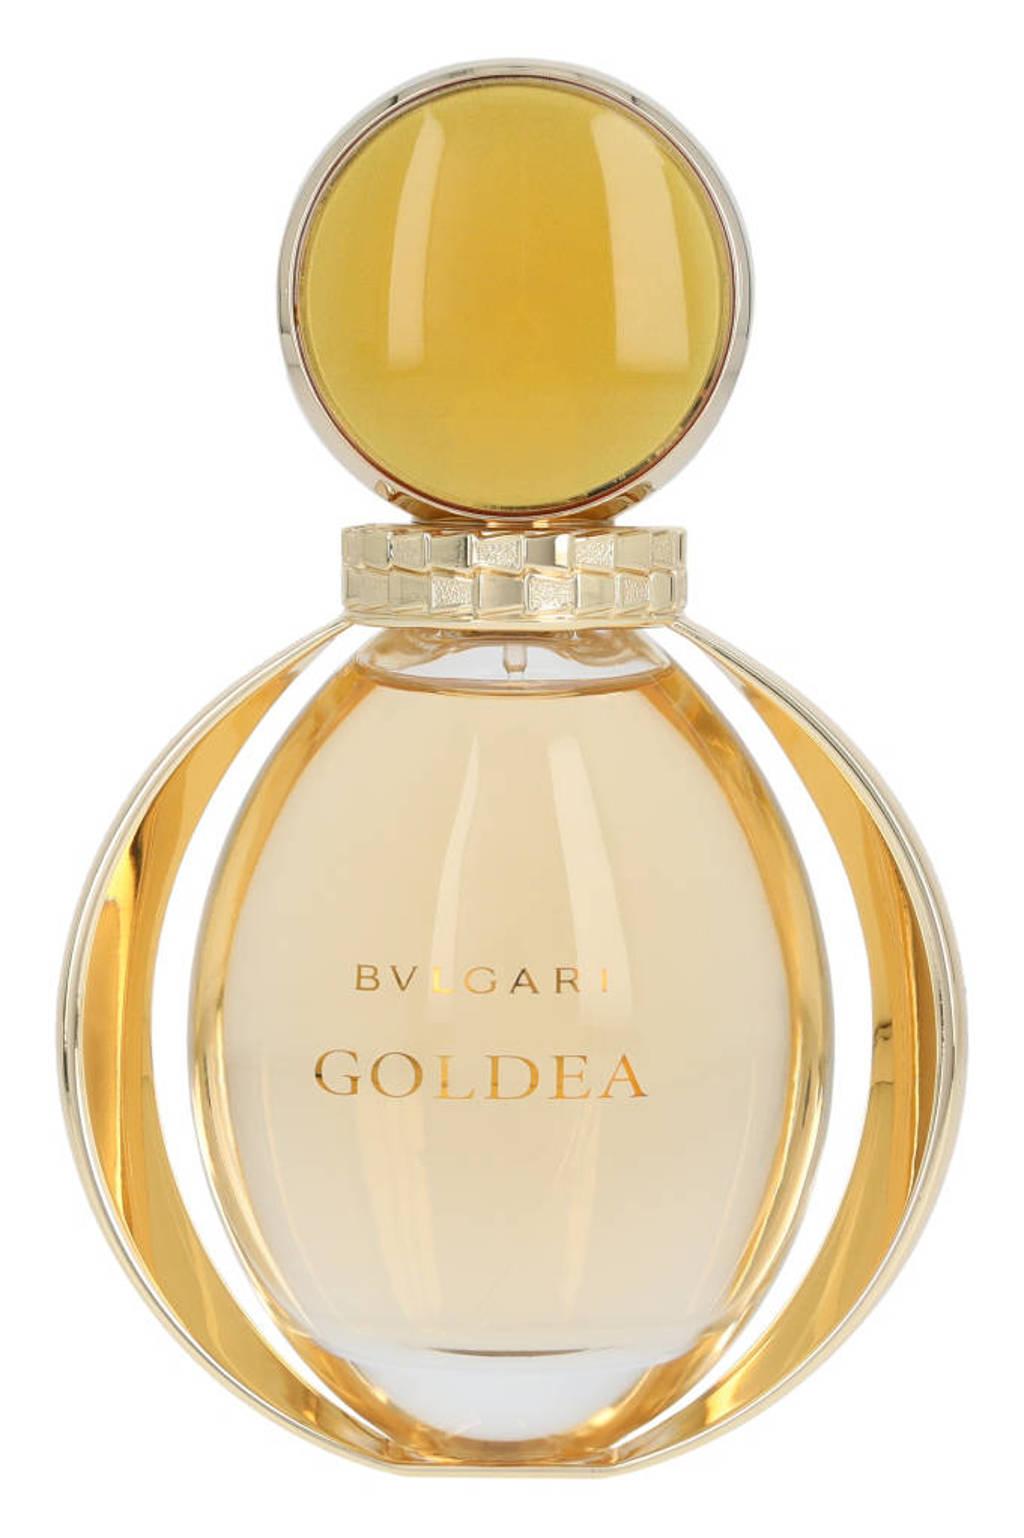 Bvlgari Goldea eau de parfum - 90 ml